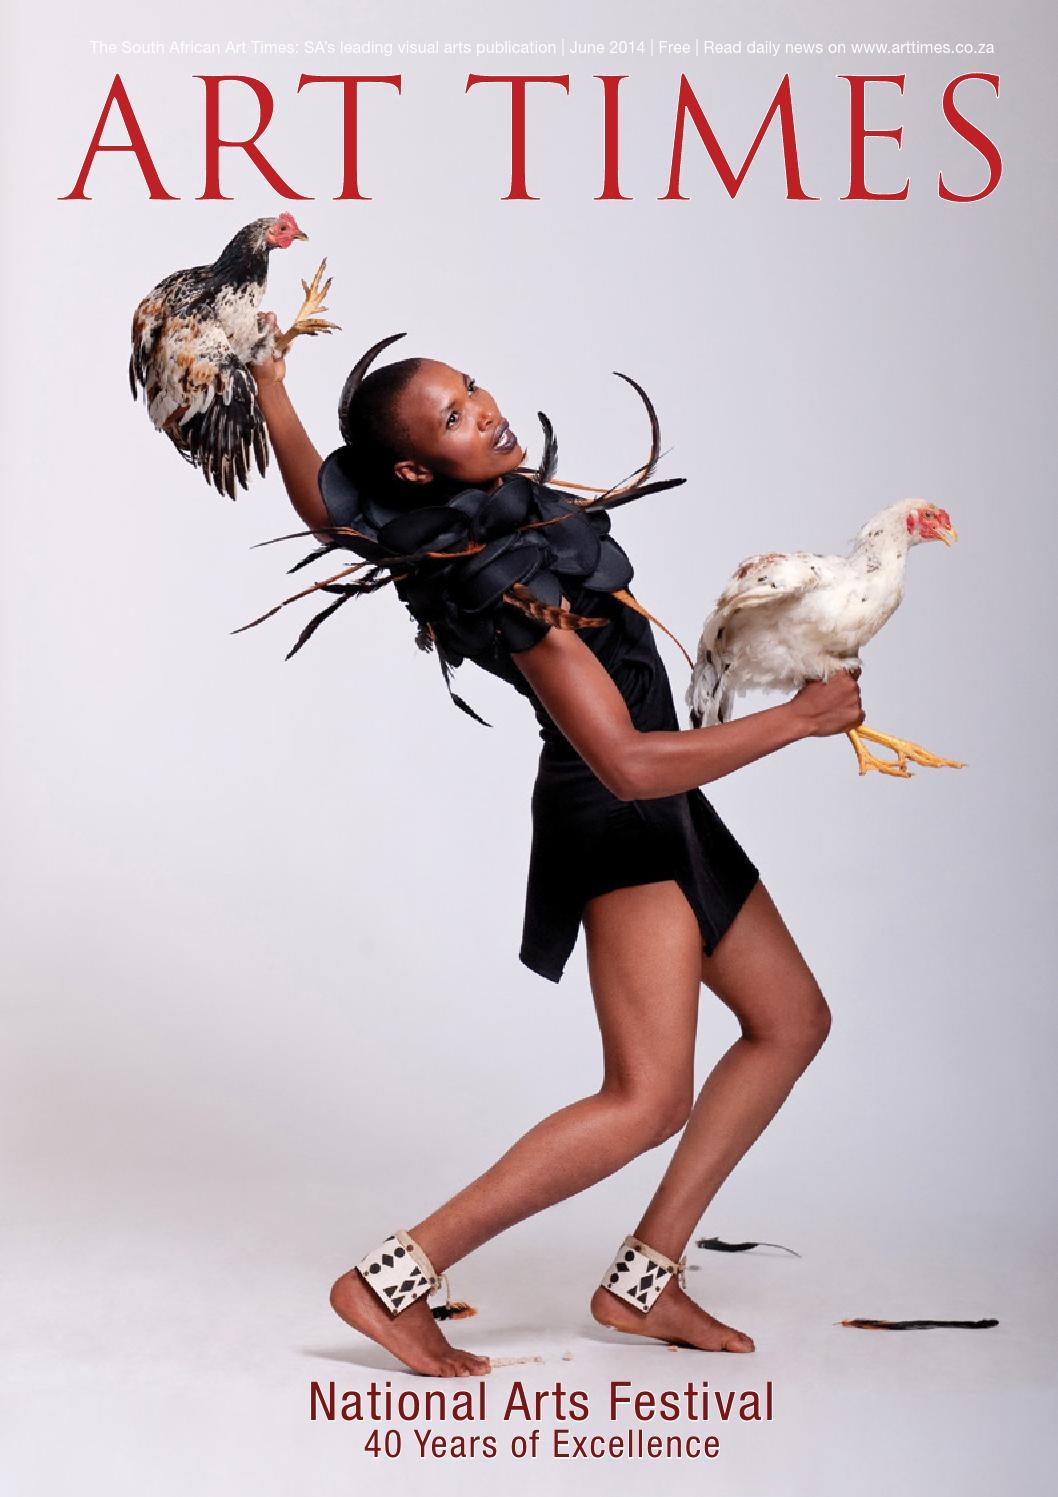 1st b e african web model booty lexxy promo 9